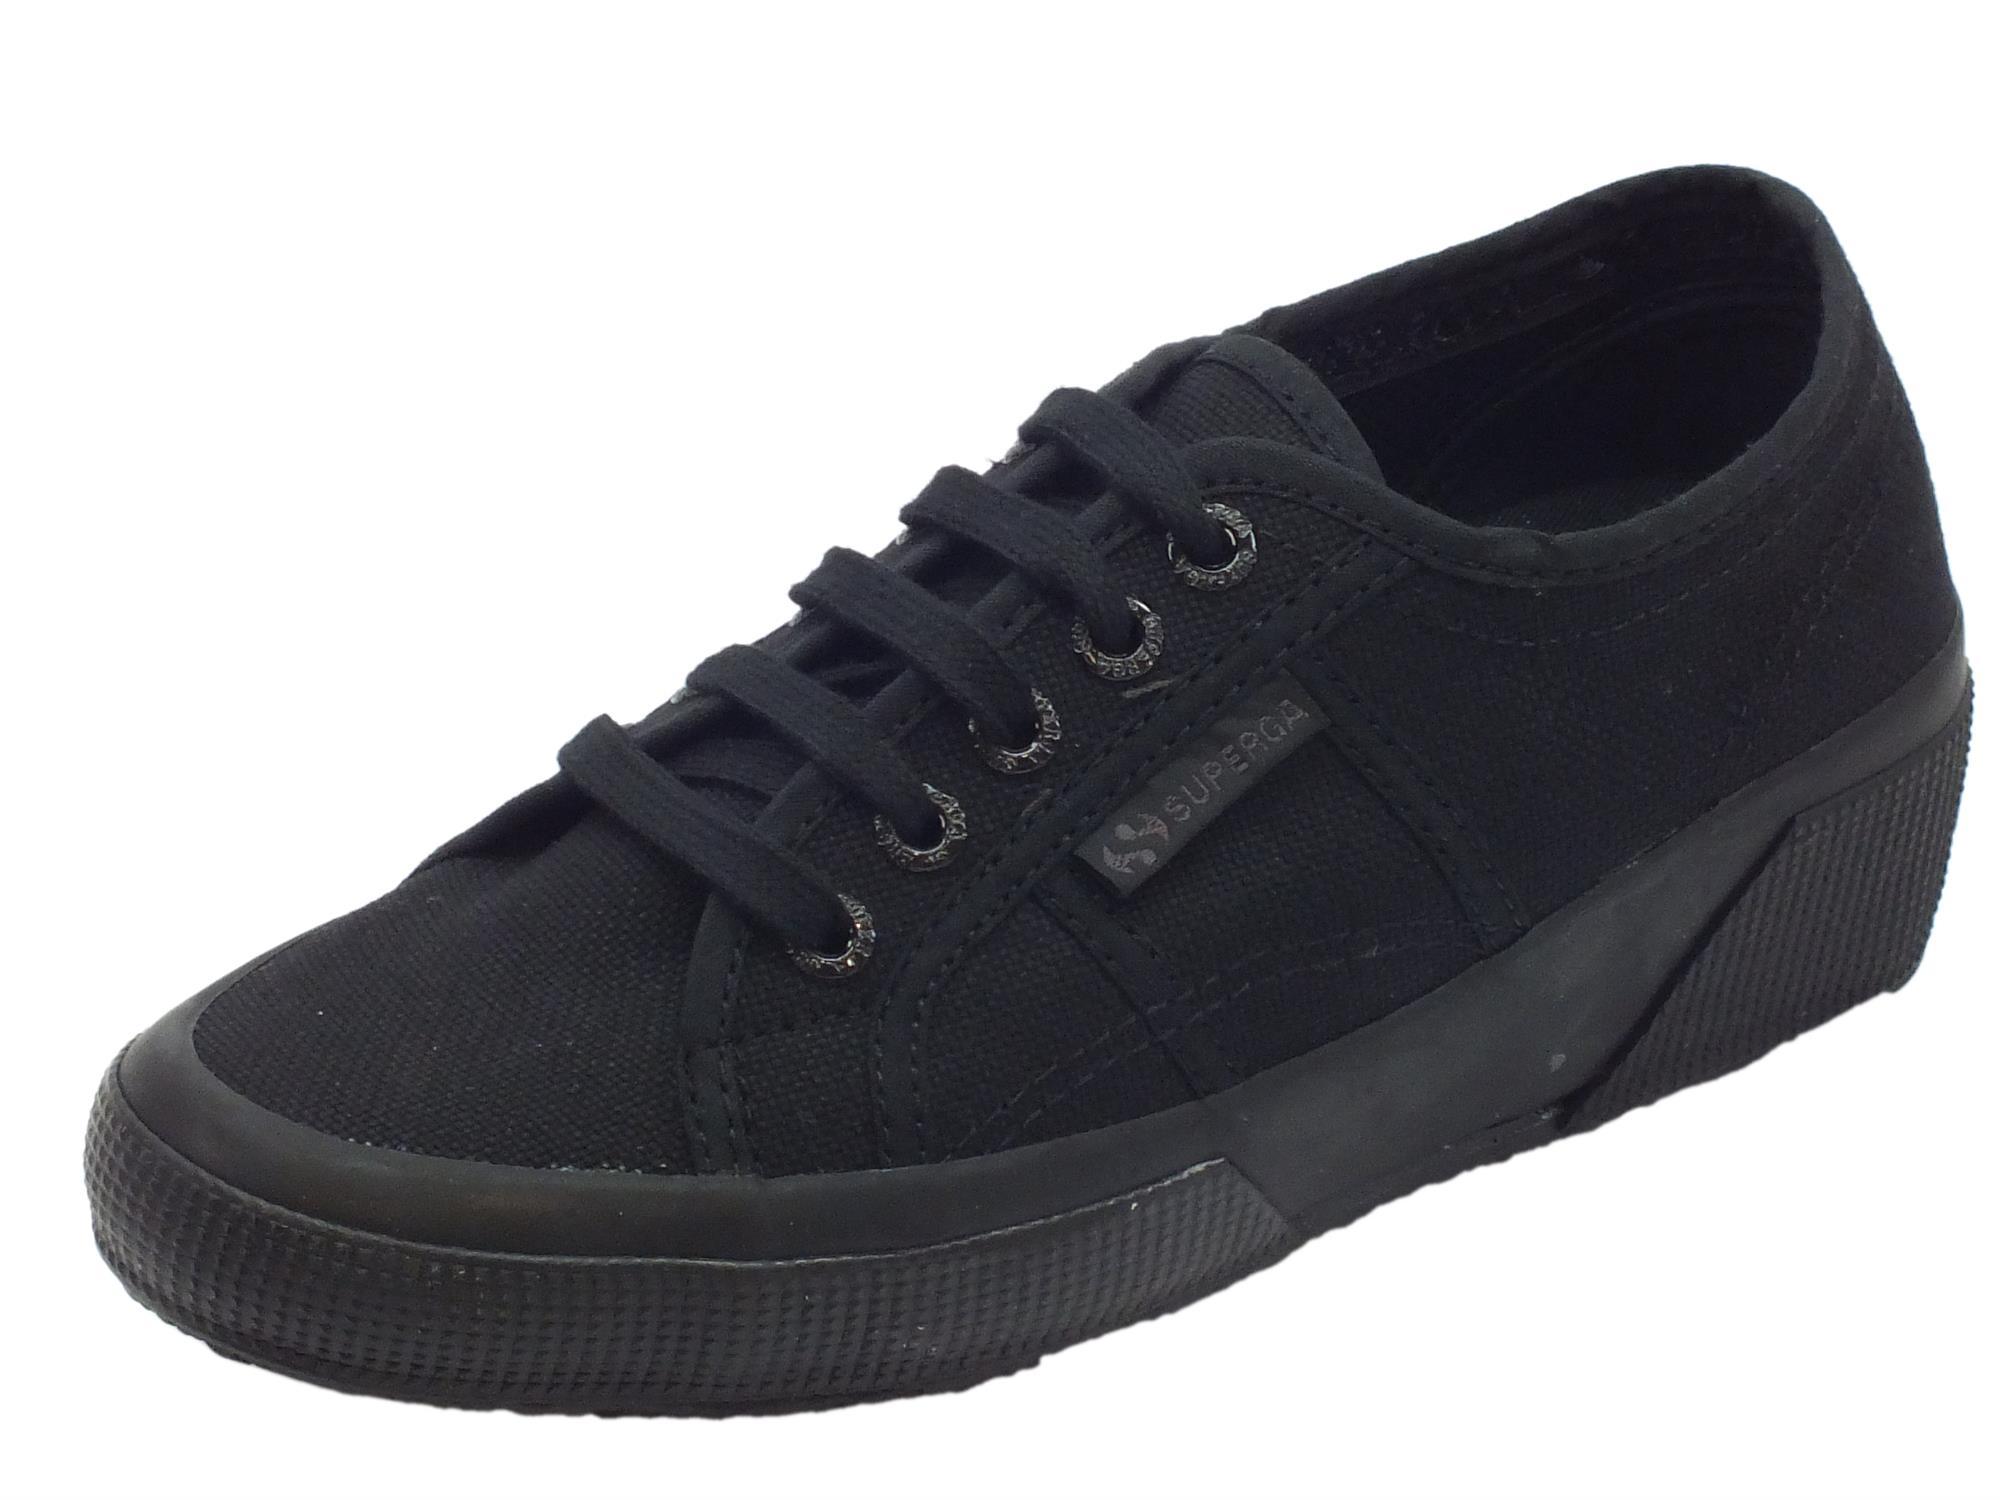 Sneakers Superga modello classico per donna in tessuto nero